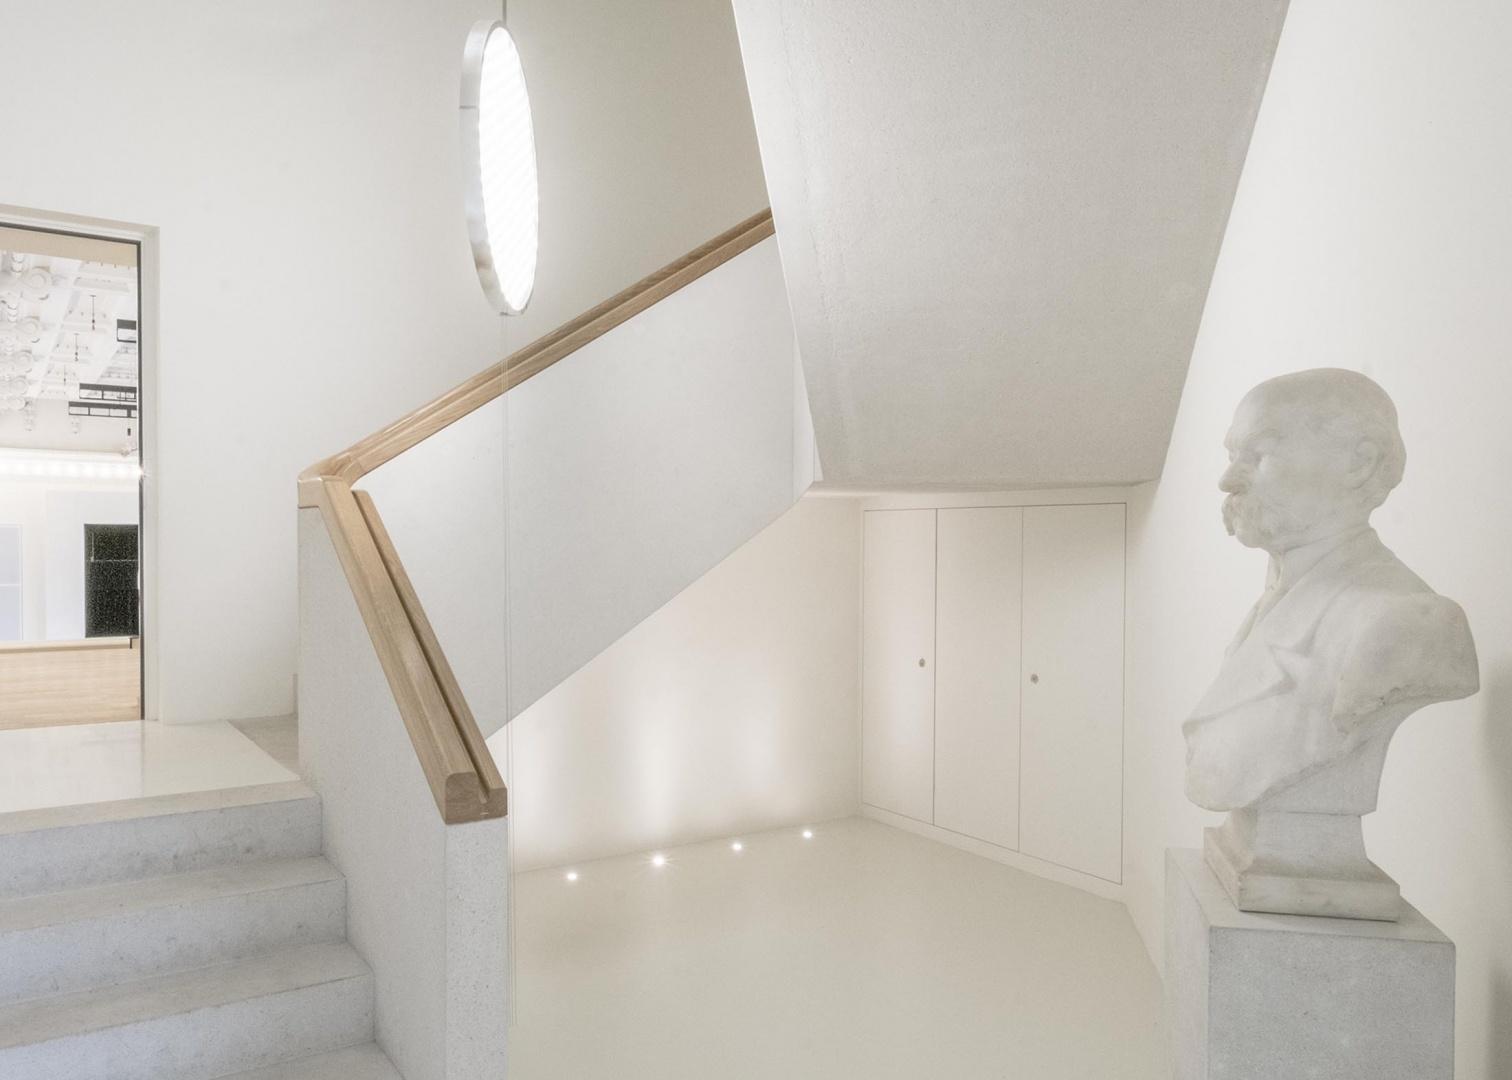 Neue Treppe © architecum, Montreux